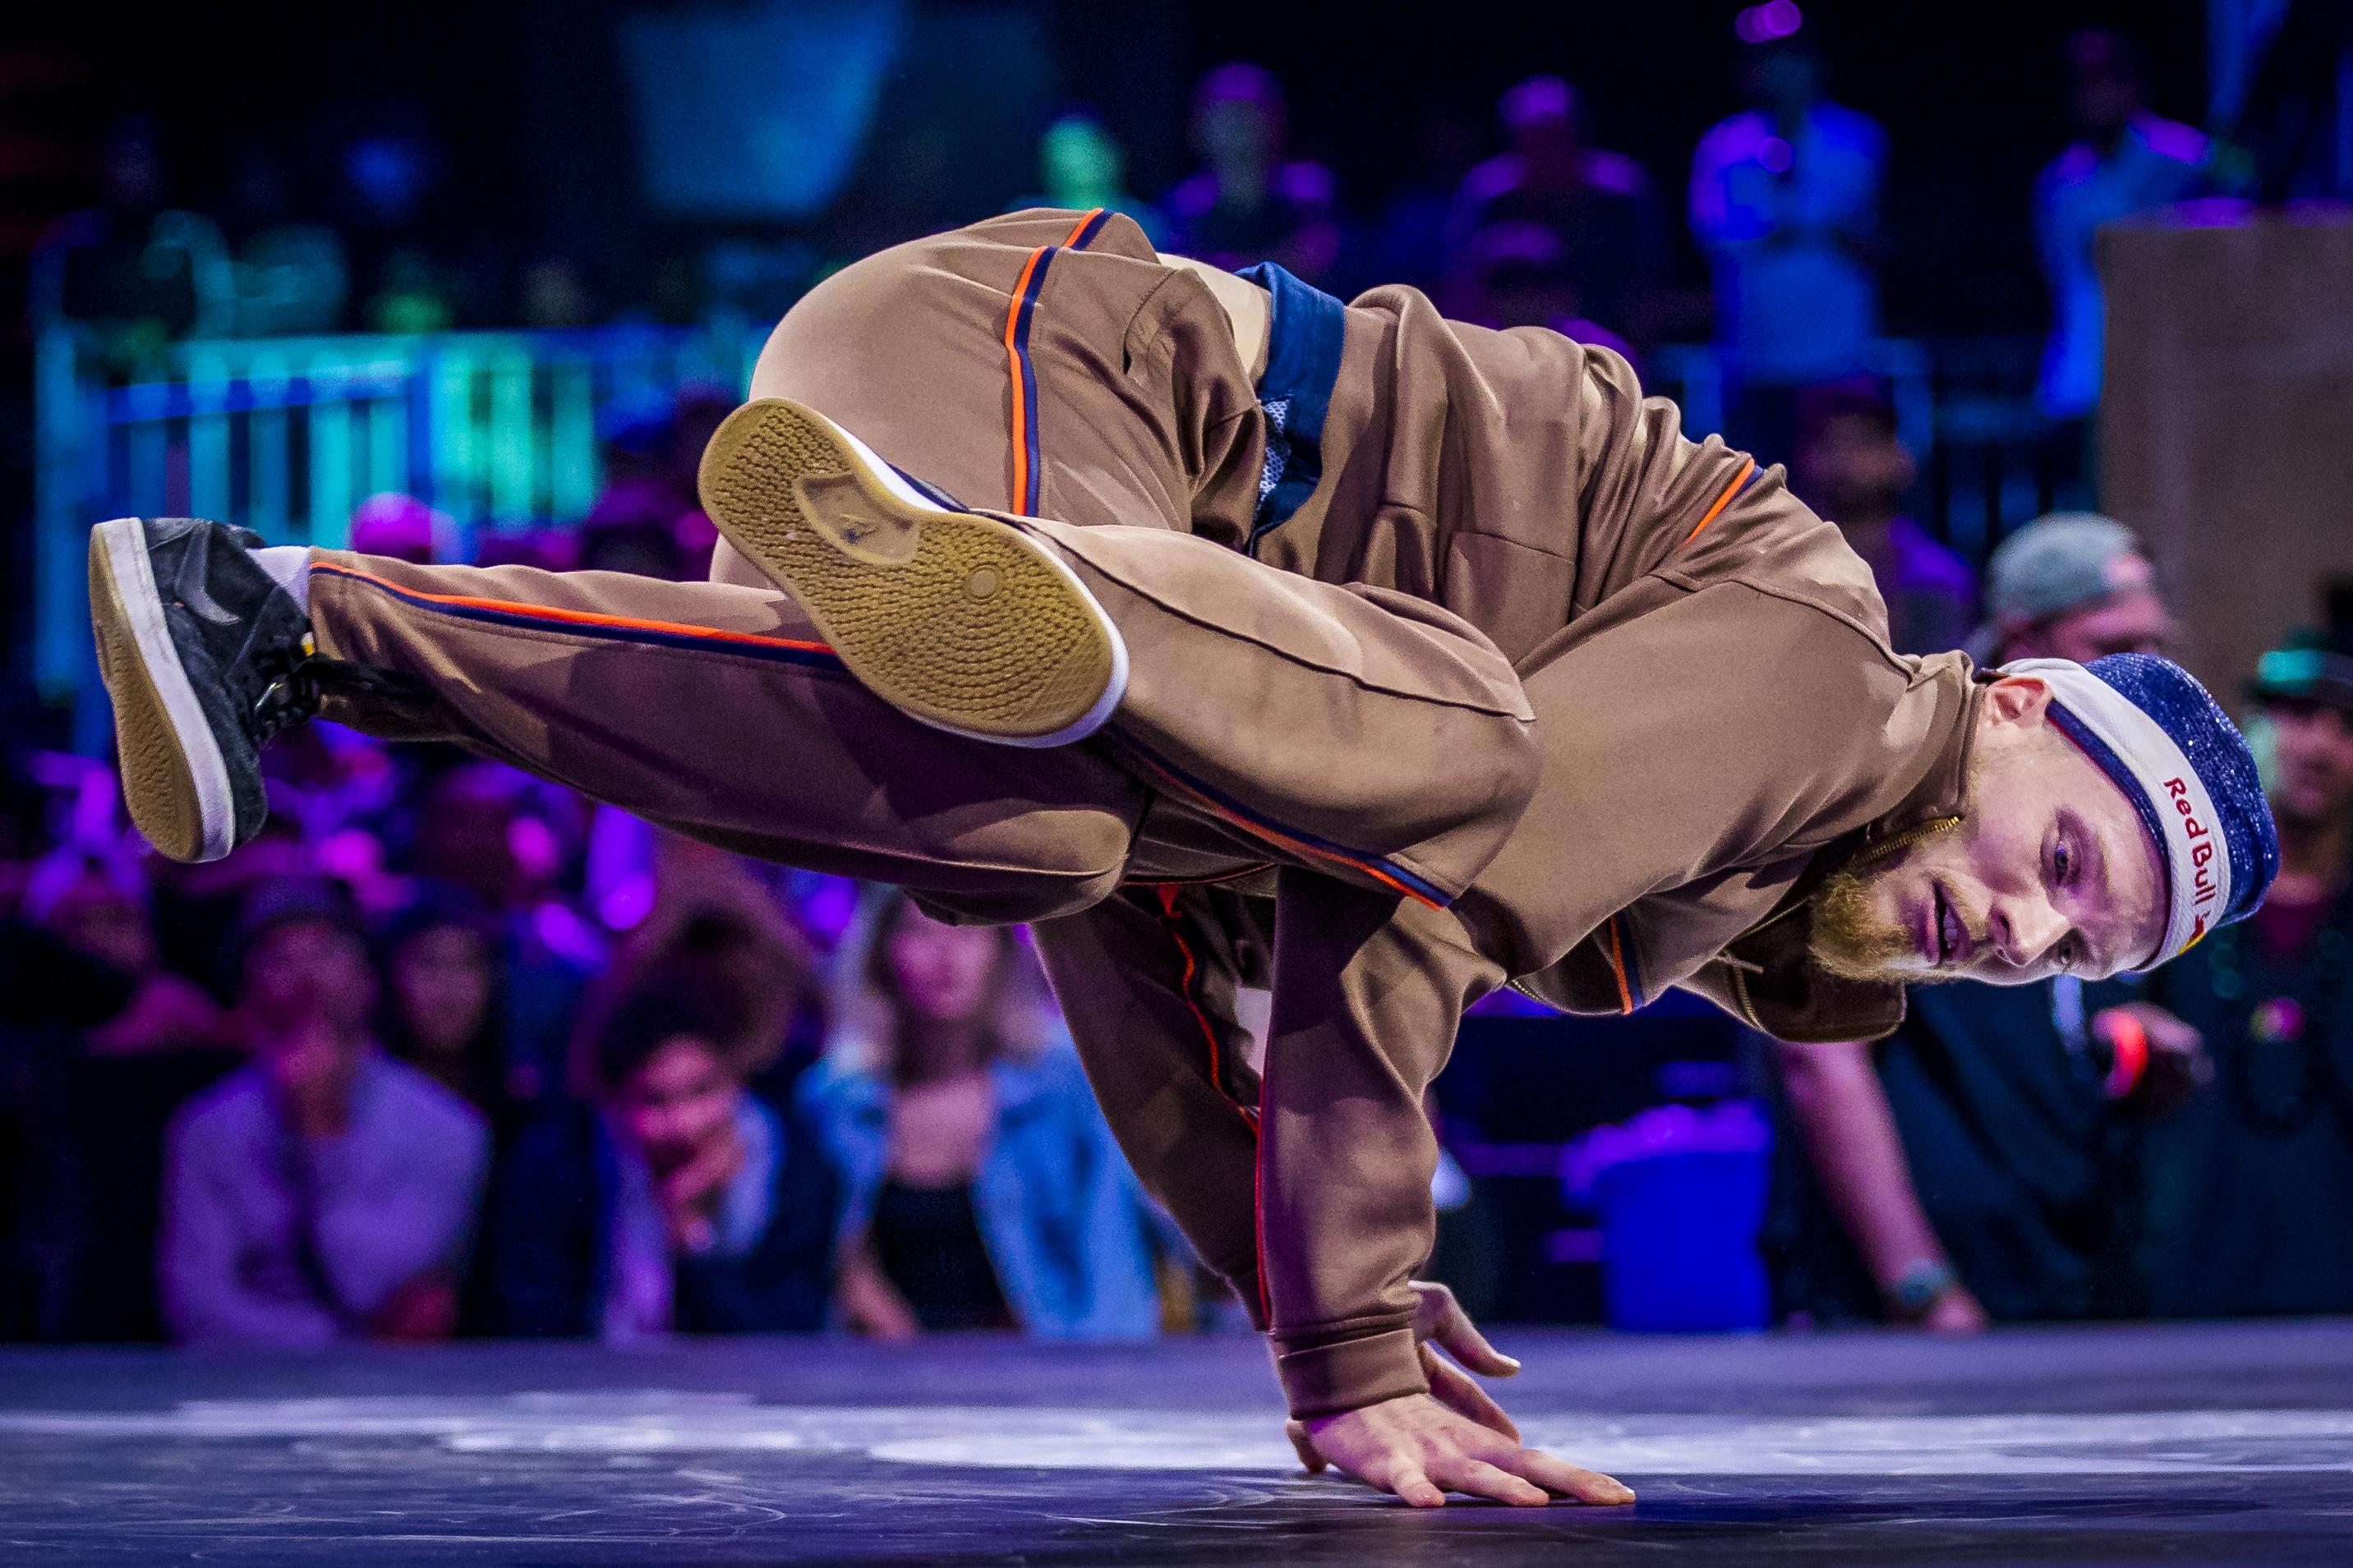 Nederlandse b-boy Menno wint WK Breakdance